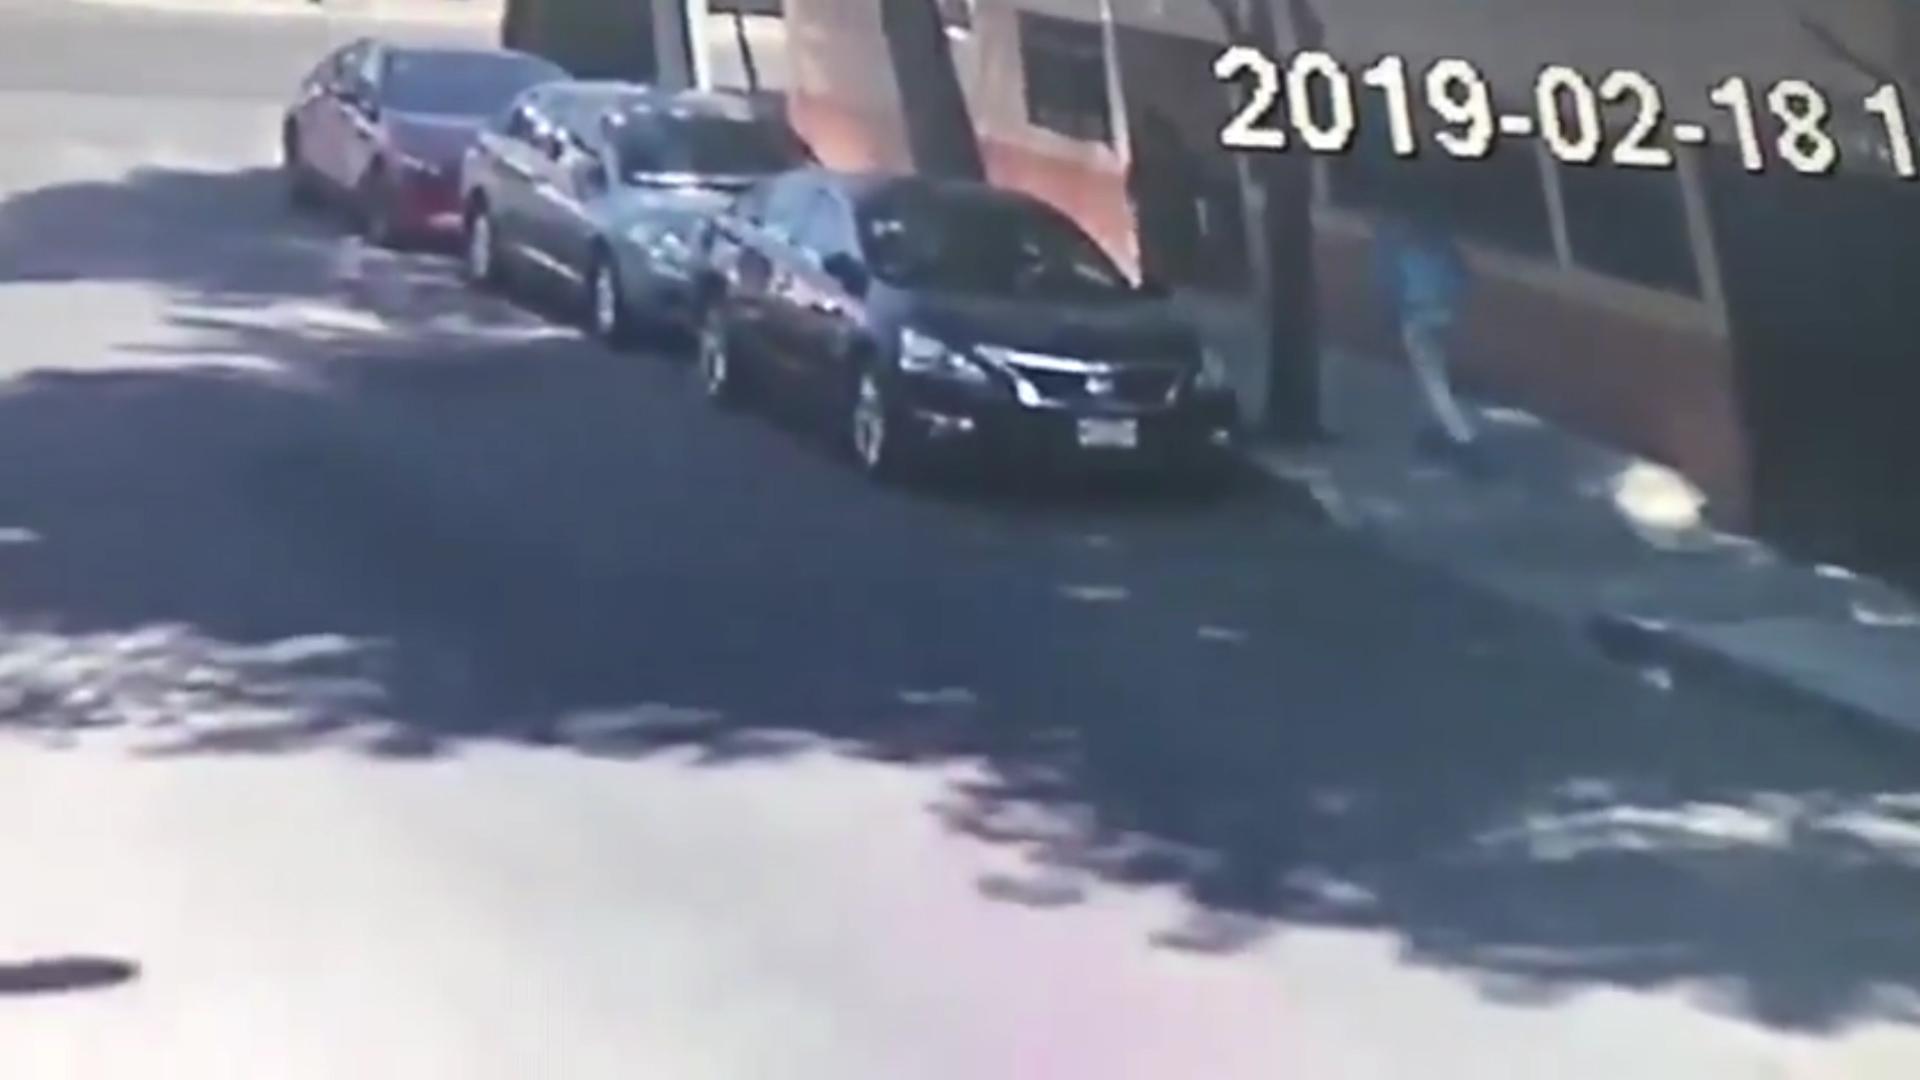 El hombre se levantó del suelo, donde permaneció la mujer hasta que su agresor huyó en sentido contrario con sus pertenencias (Foto: captura de pantalla)